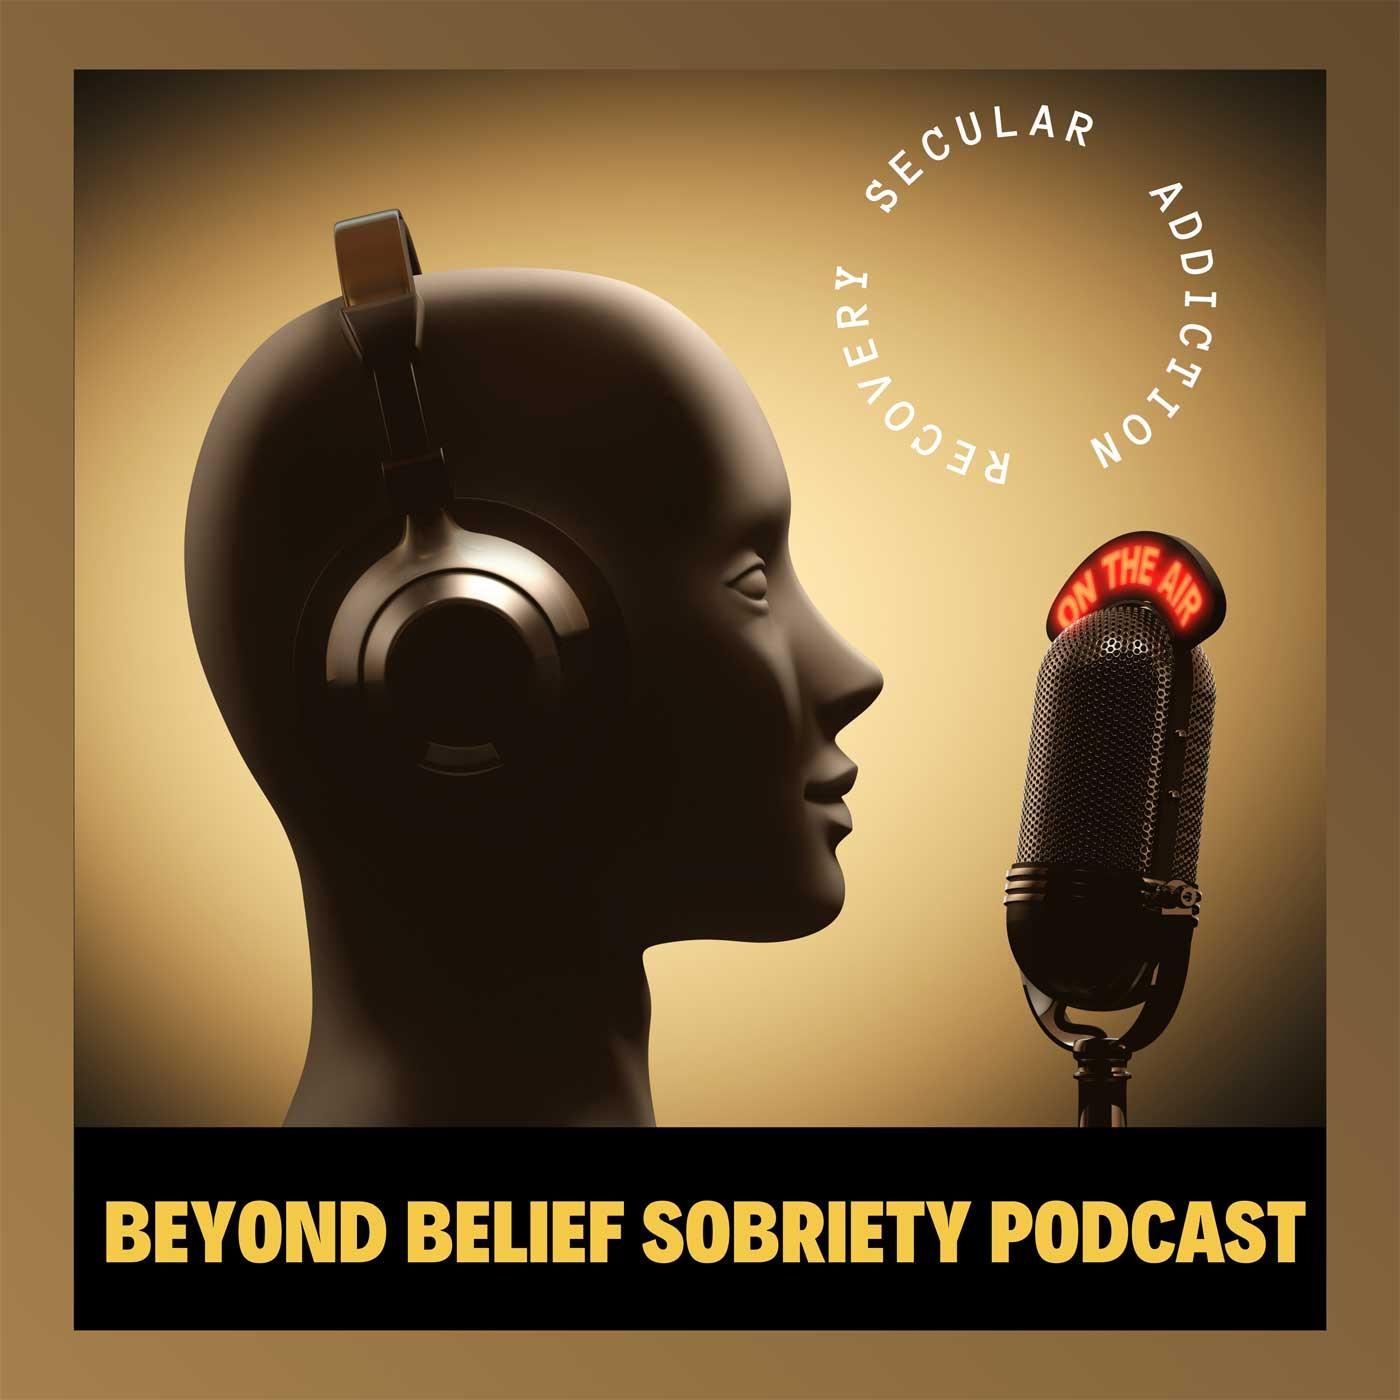 Beyond Belief Sobriety